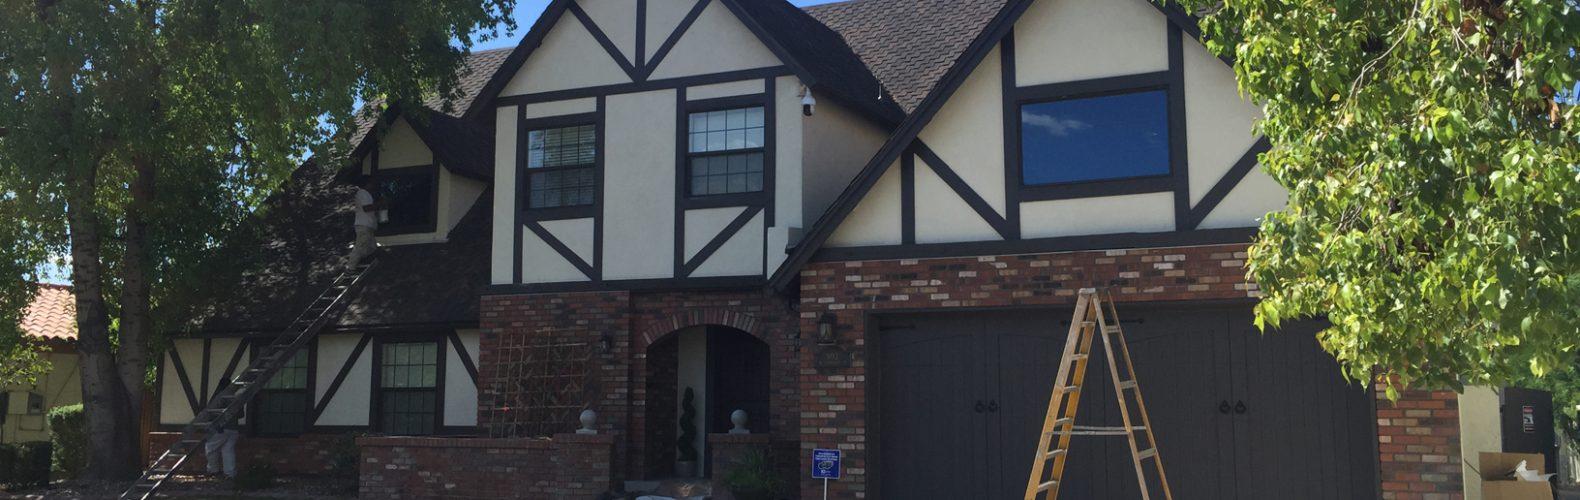 house painting avondale arizona